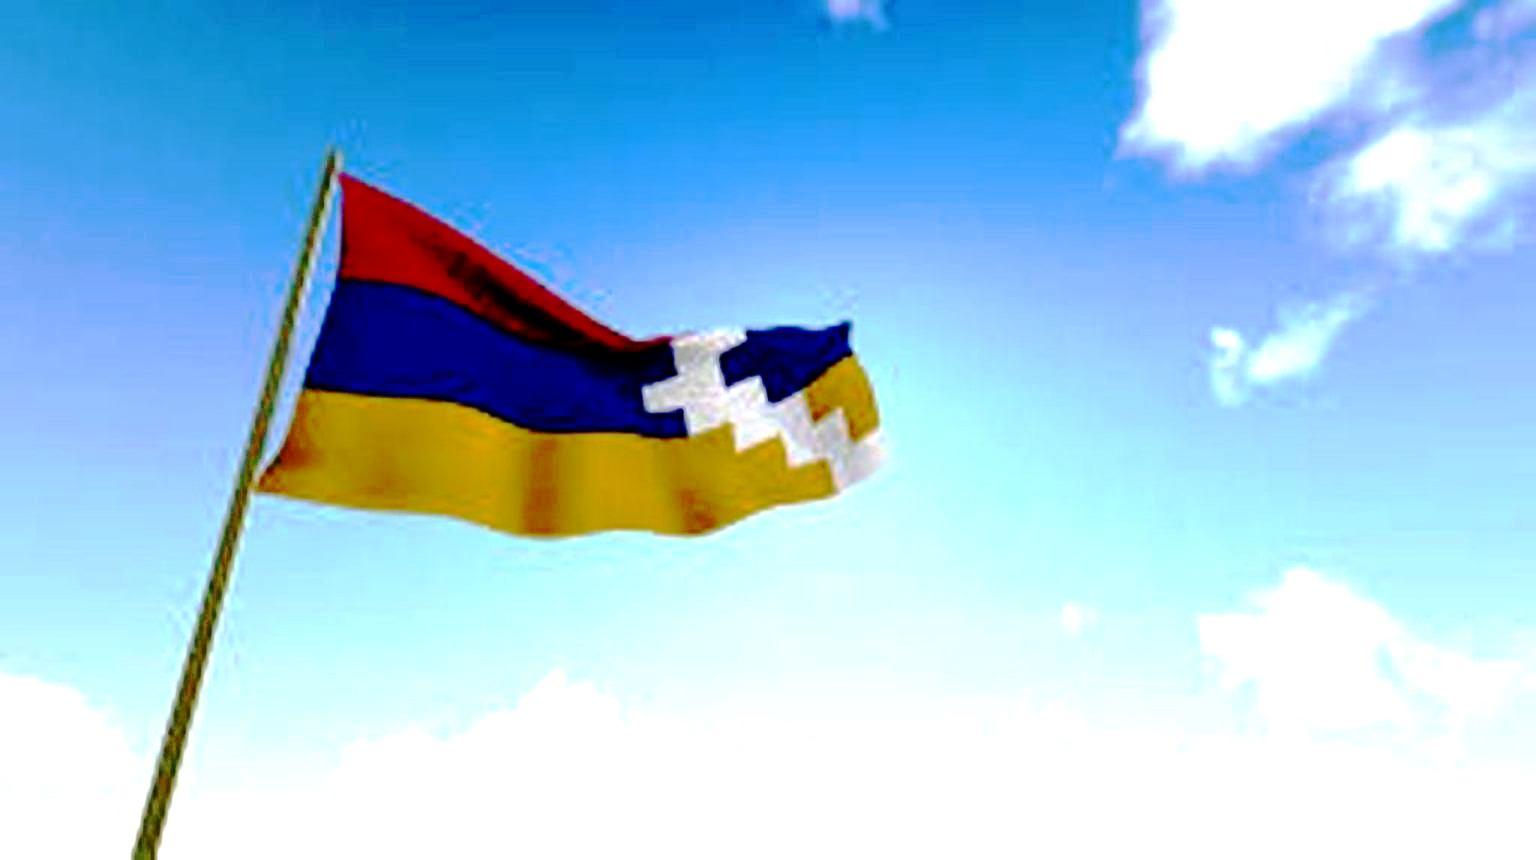 Ναγκόρνο-Καραμπάχ (Αρτσάχ):Το 48,4% των Αρτσαχιωτών μετακόμισε στην Αρμενία